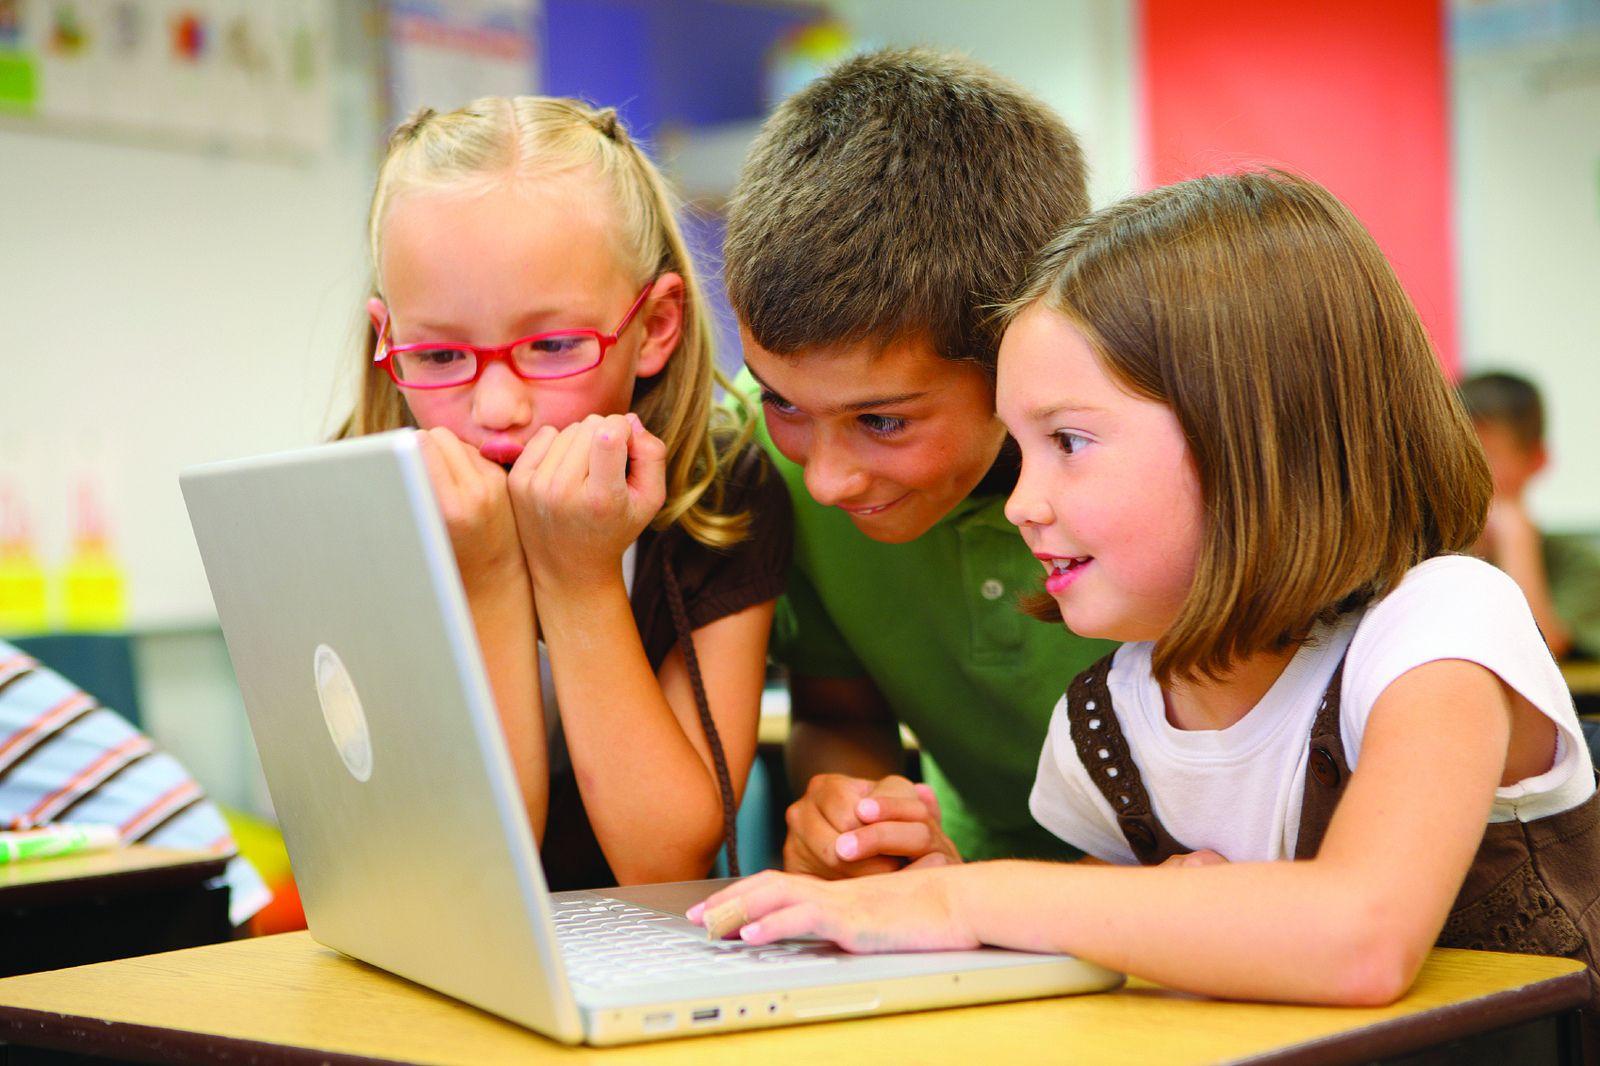 Рейтинг лучших детских интернет магазинов 2020 года